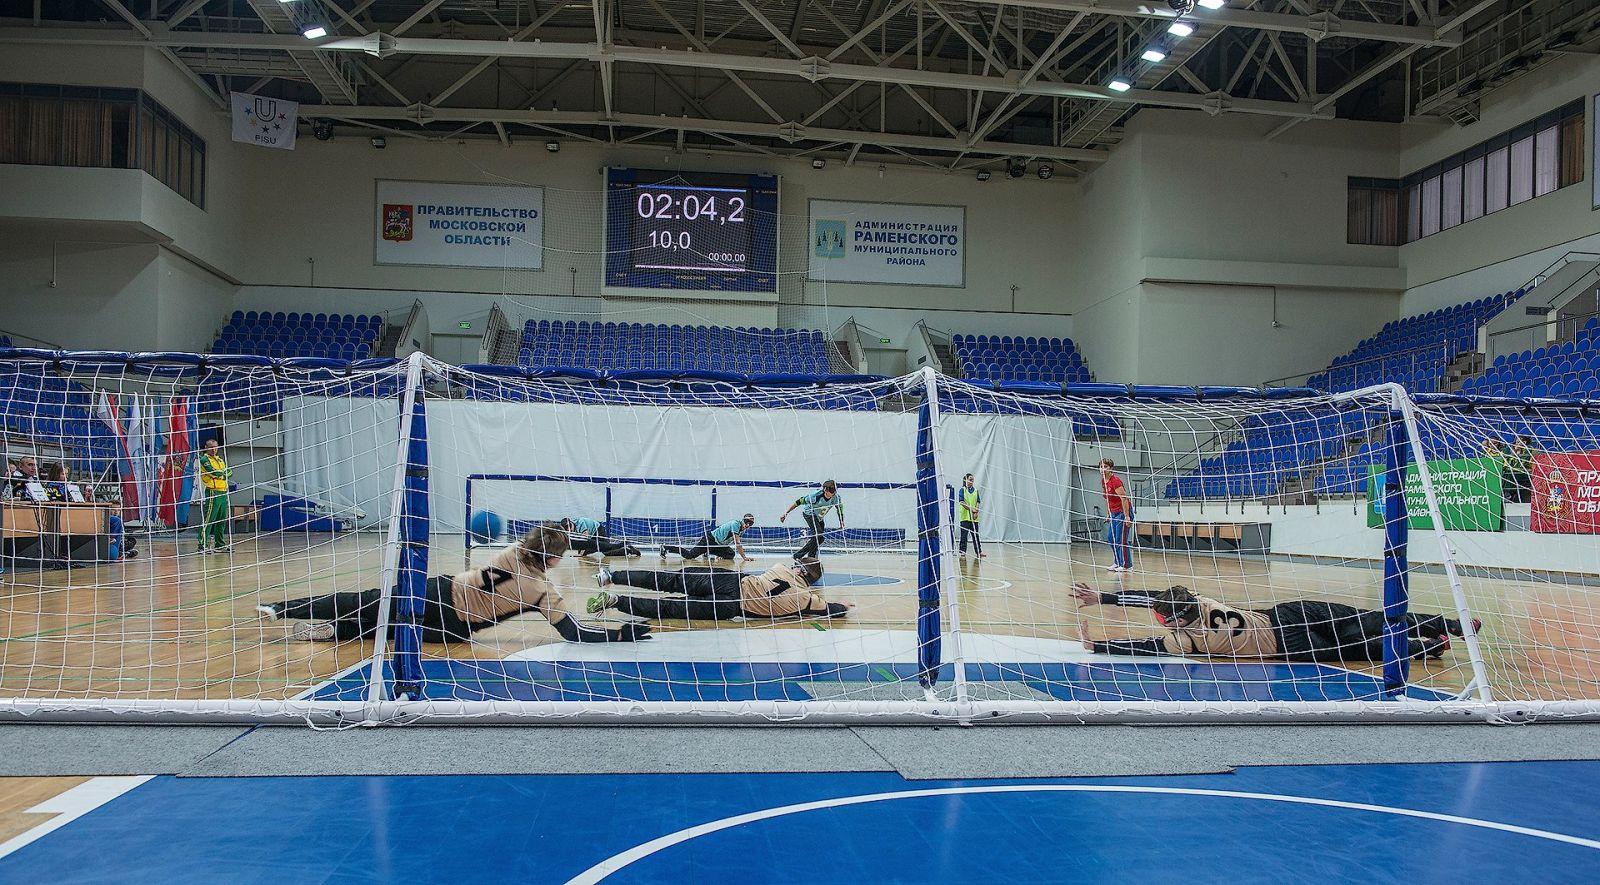 Мужская сборная России по голболу спорта слепых на чемпионате Европы в группе С нацелена добиться выхода в группу В